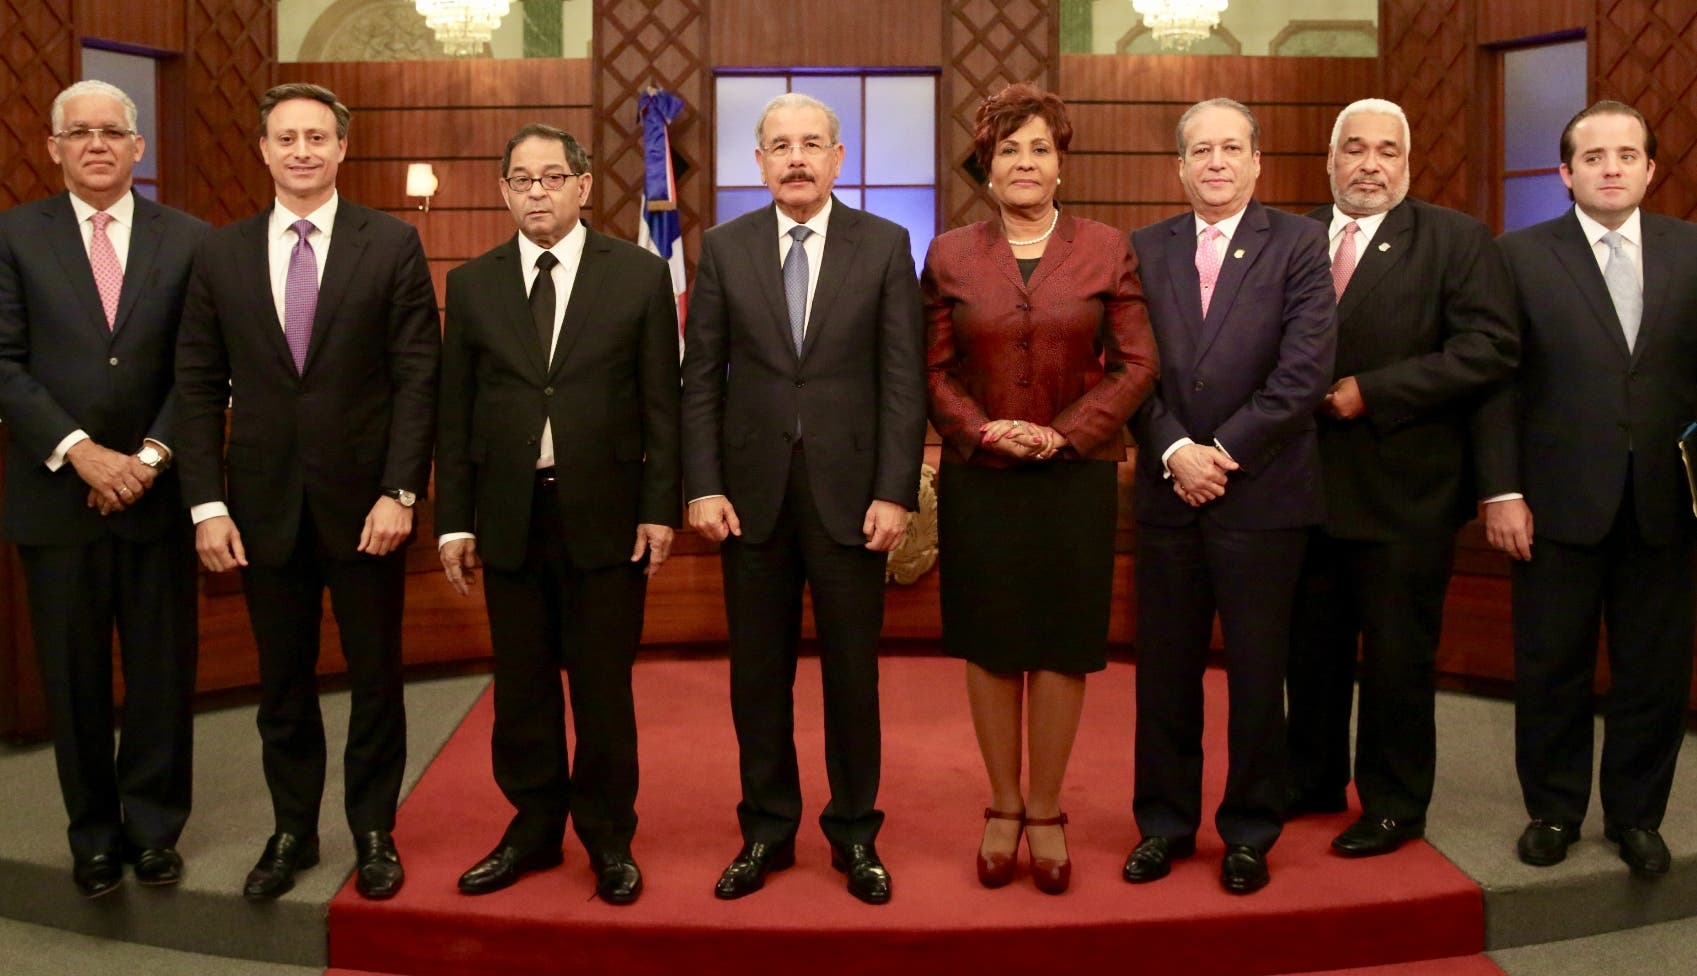 Fran Soto, Jean Rodríguez, Mariano Germán, Danilo Medina, Josefa Castillo, Reinaldo Pared, Radhamés Camacho, José Paliza.